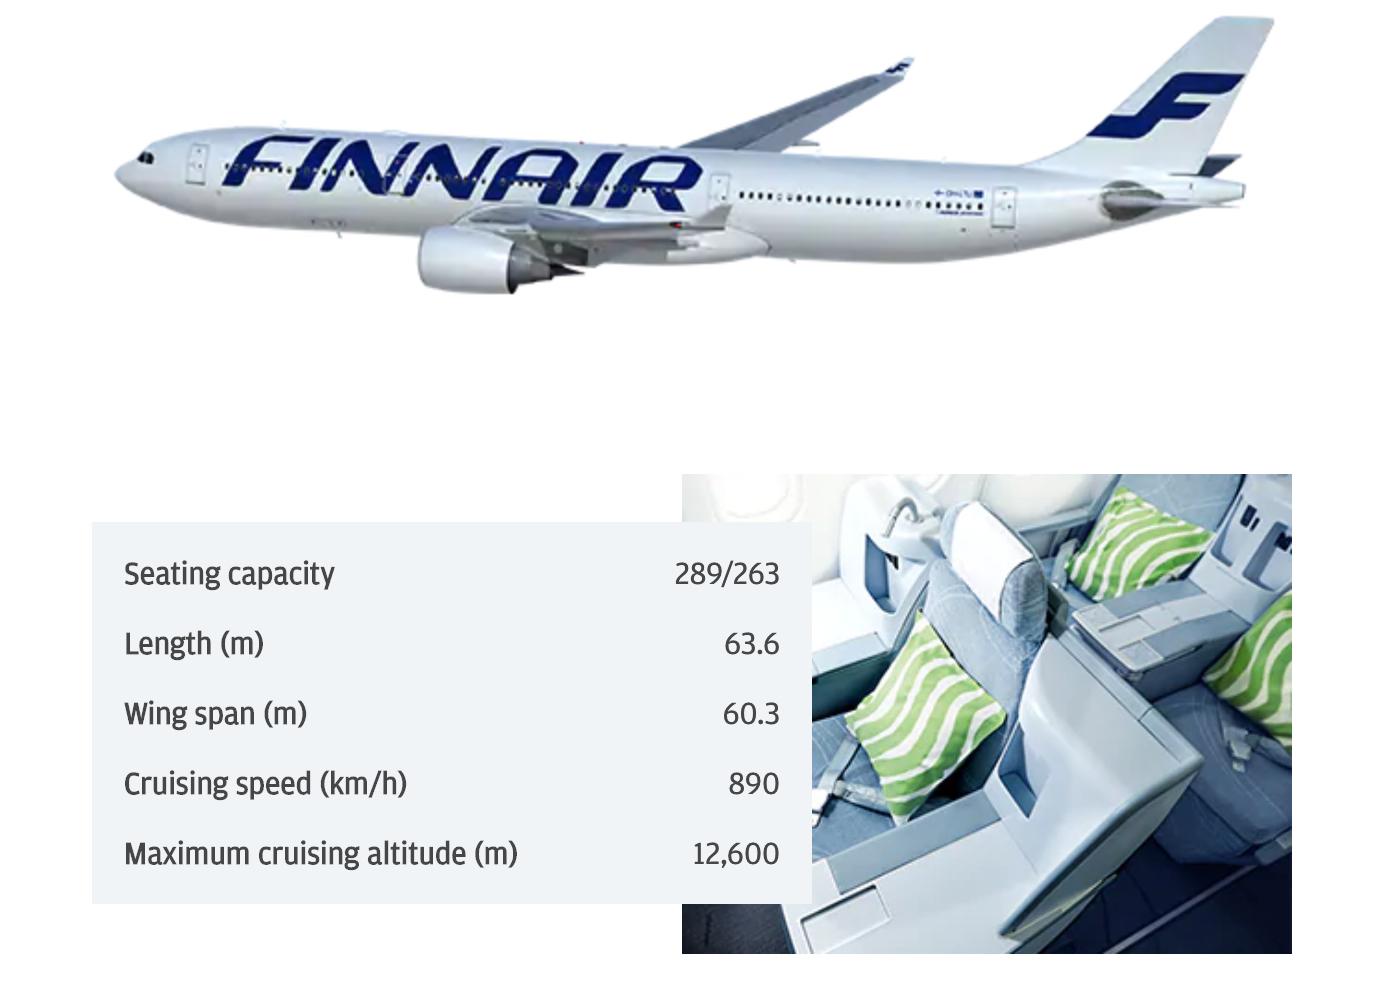 Finnair's A330-300